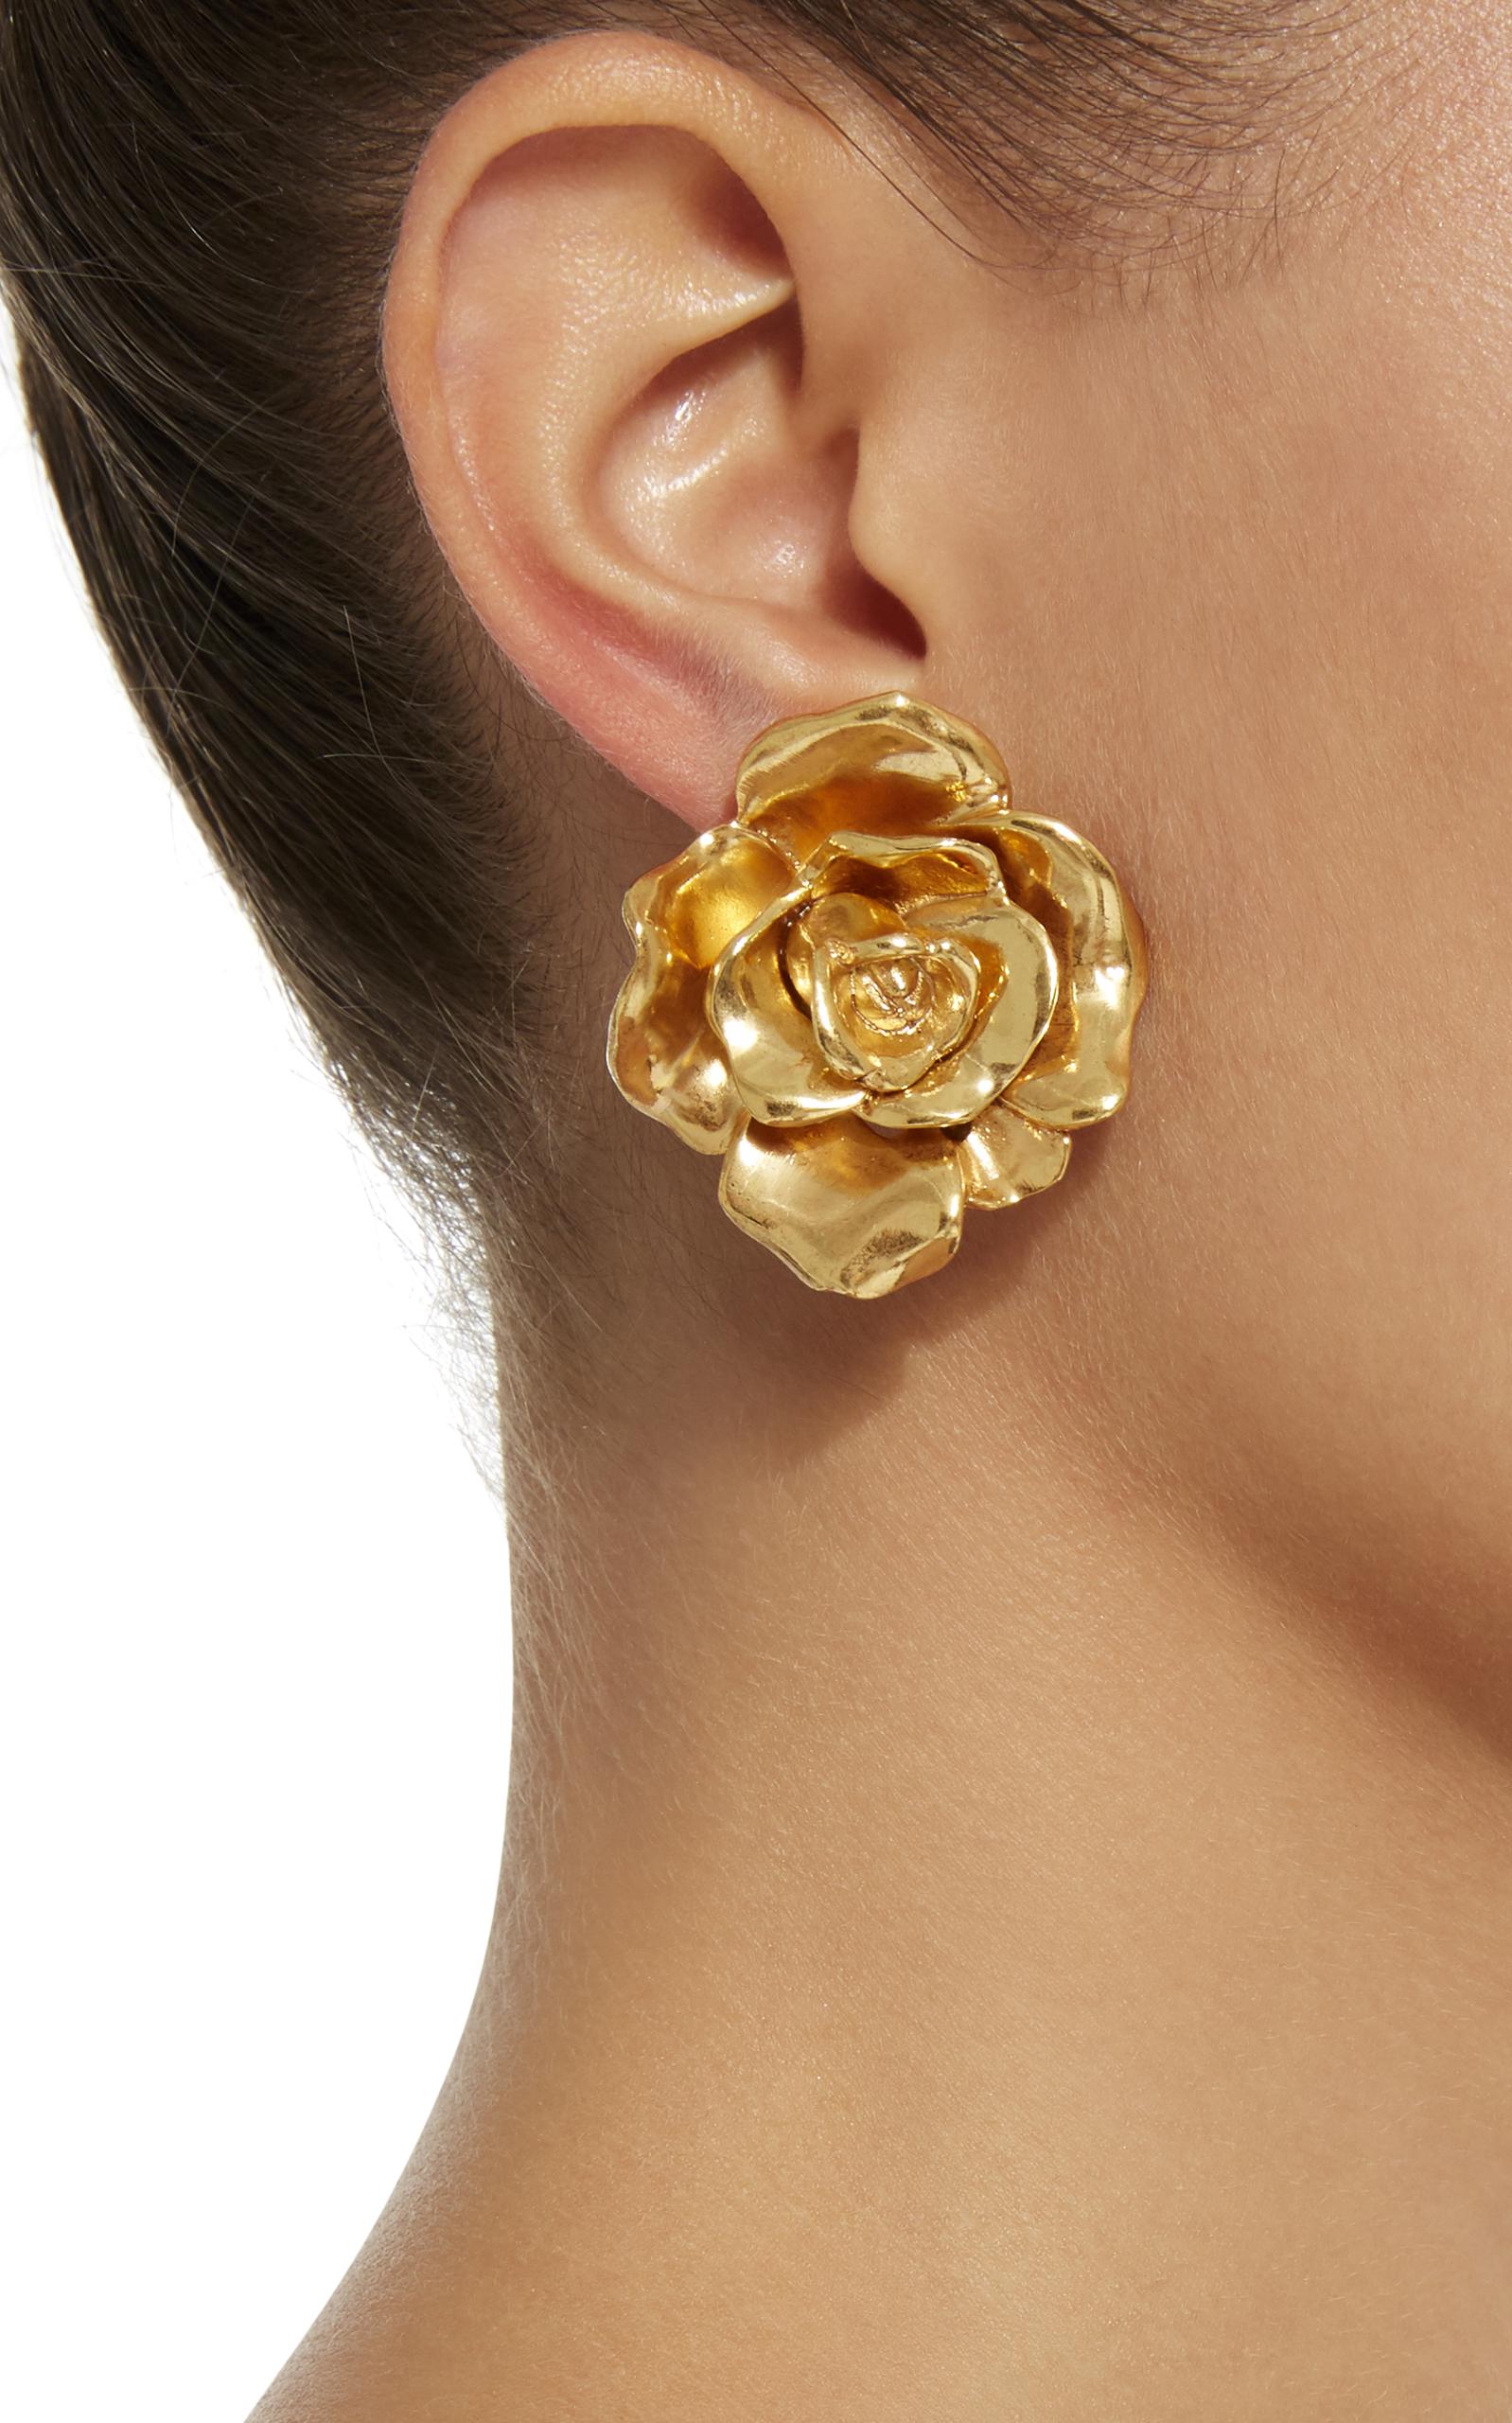 Rosette Gold-Tone Button Earring by Oscar de la Renta | Moda Operandi